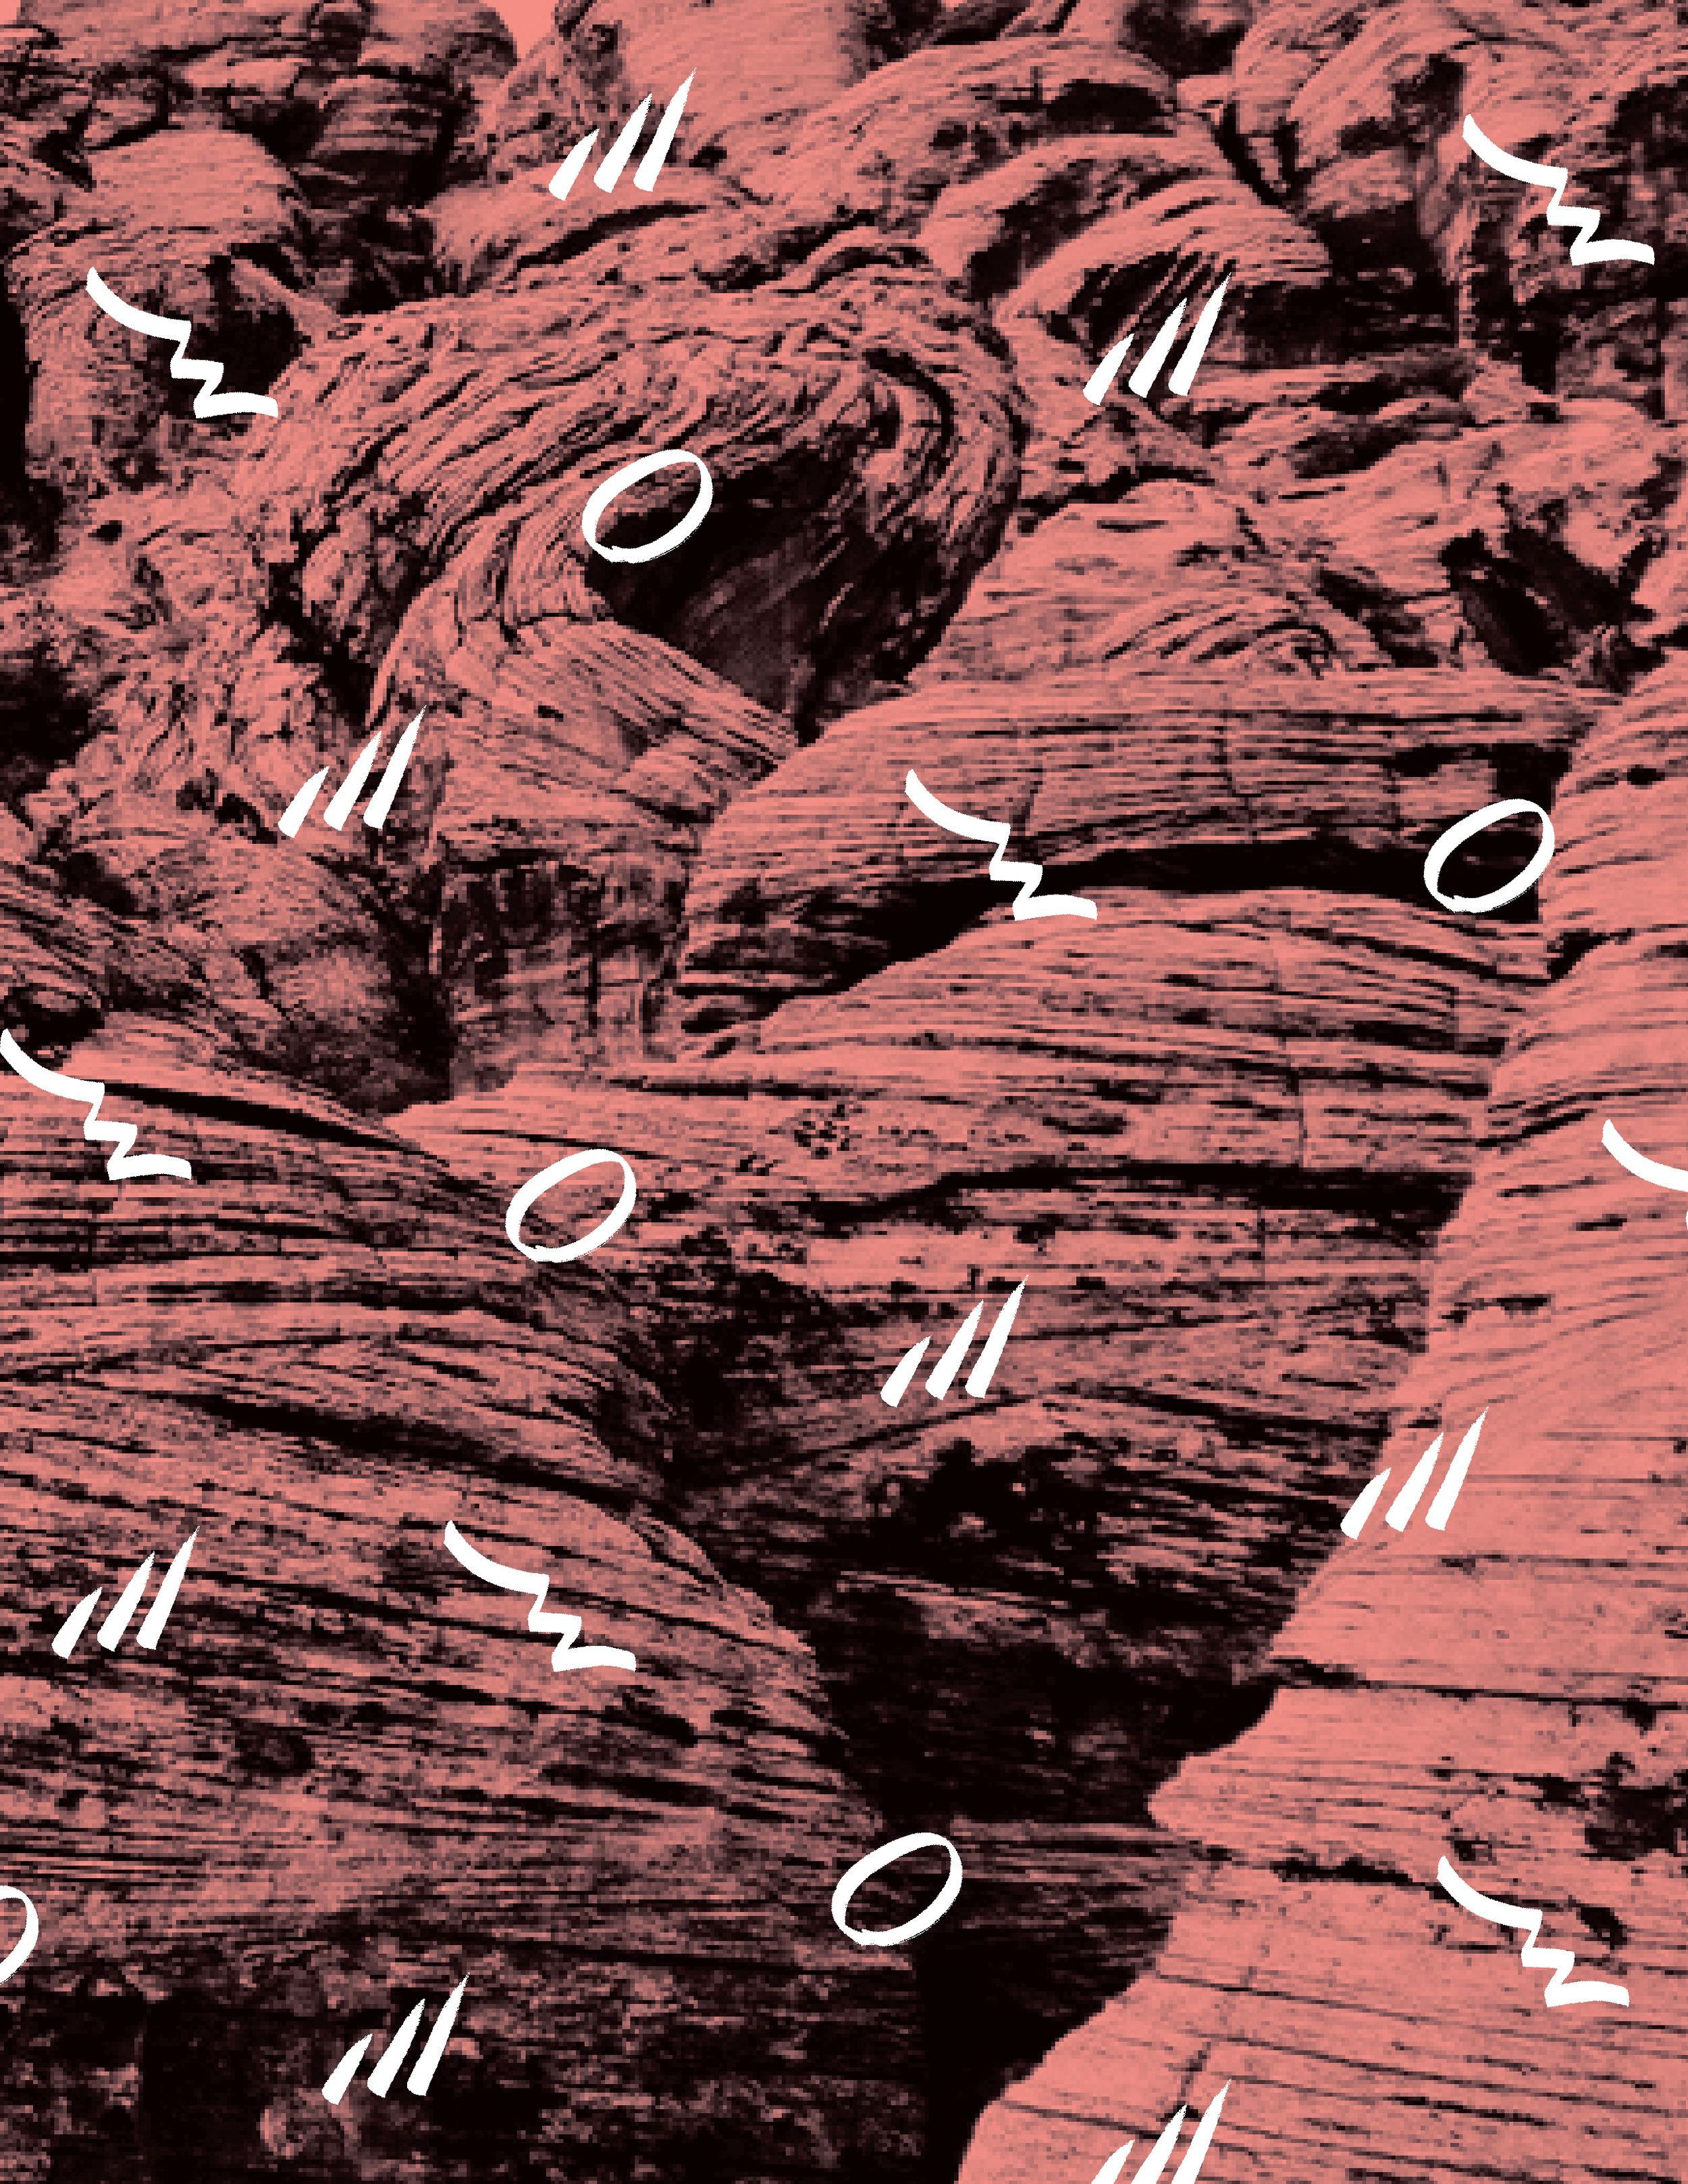 Rose Mountain Pattern Rose-01.jpg